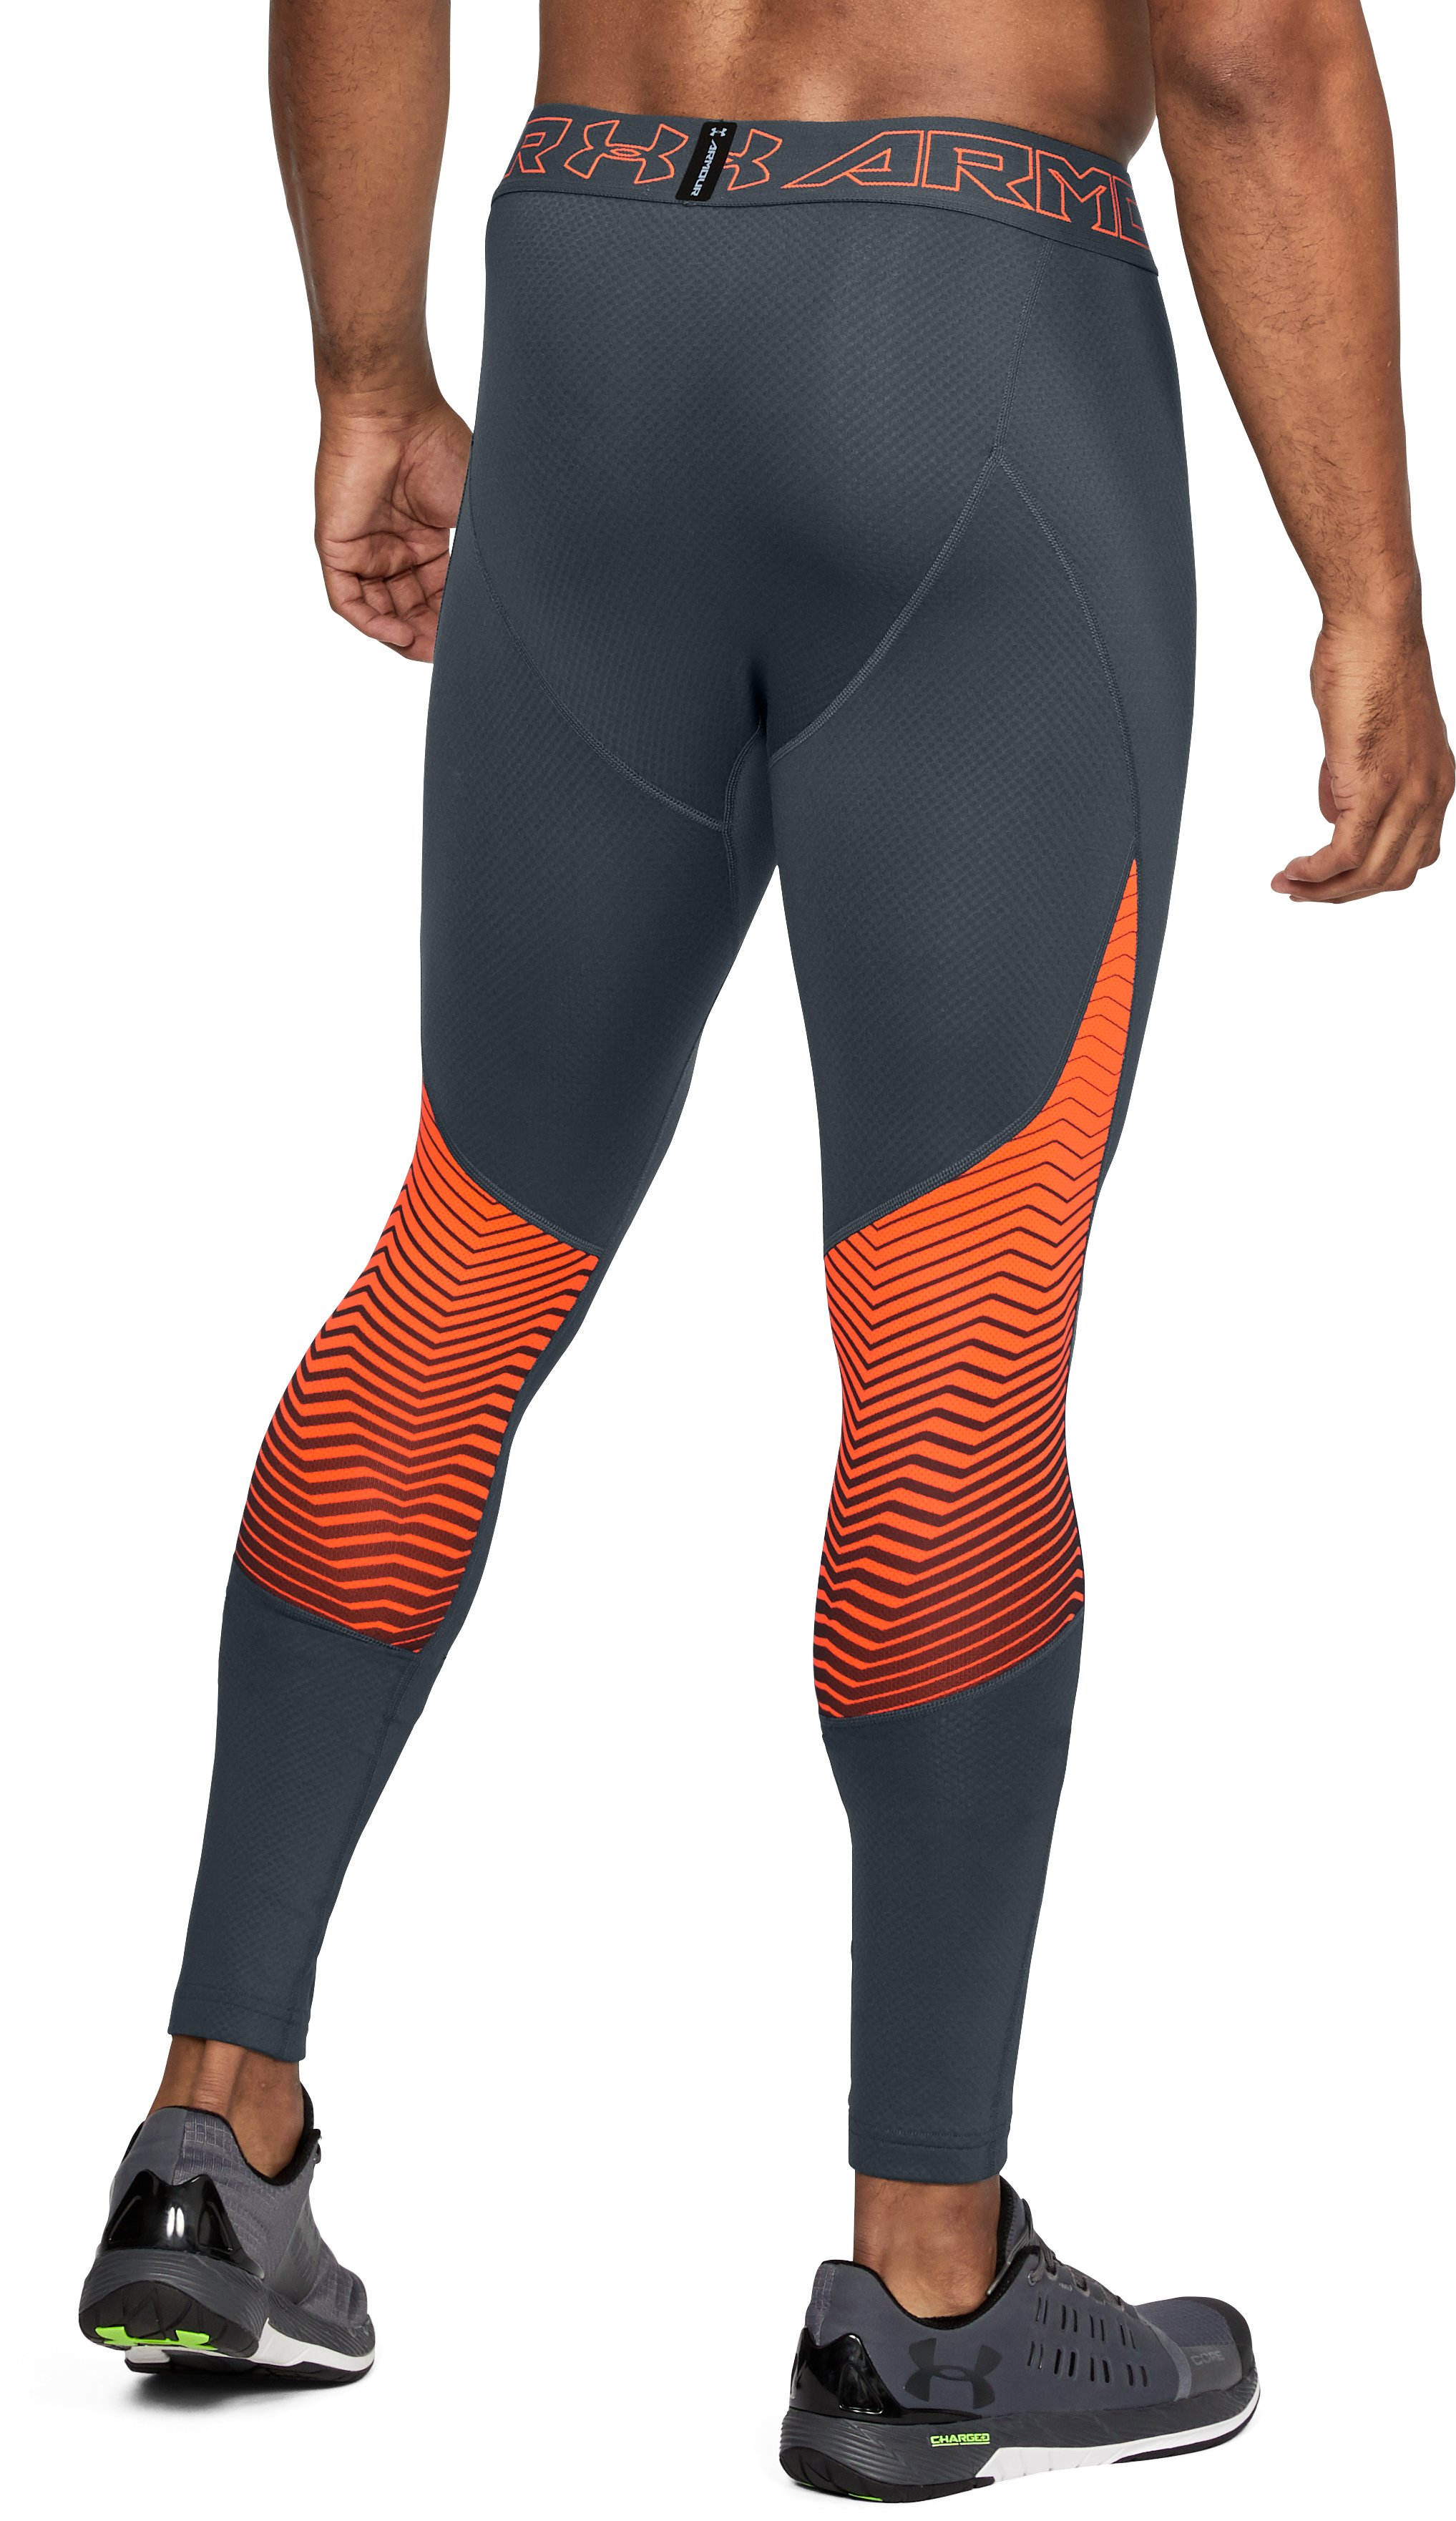 ColdGear® Reactor - Leggings pour homme, GRIS STEALTH, non défini